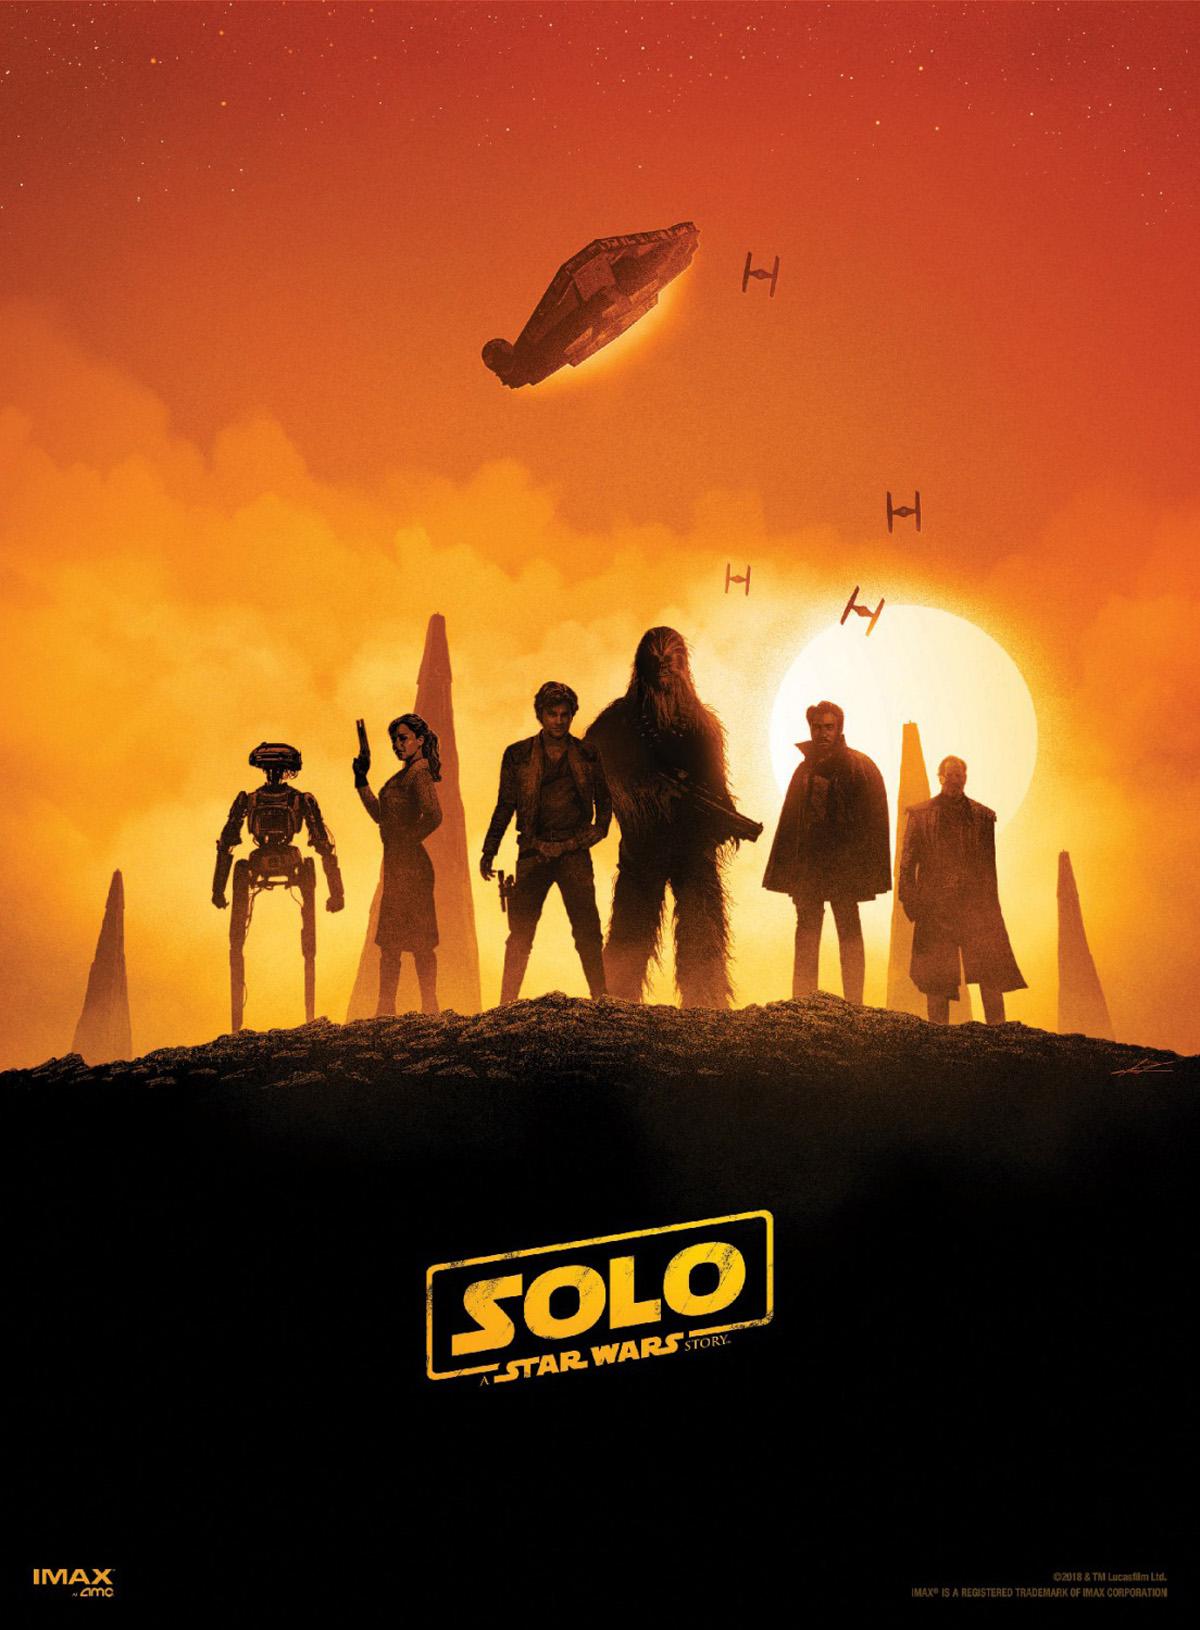 Solo: A Star Wars Story, i protagonisti in un poster del film